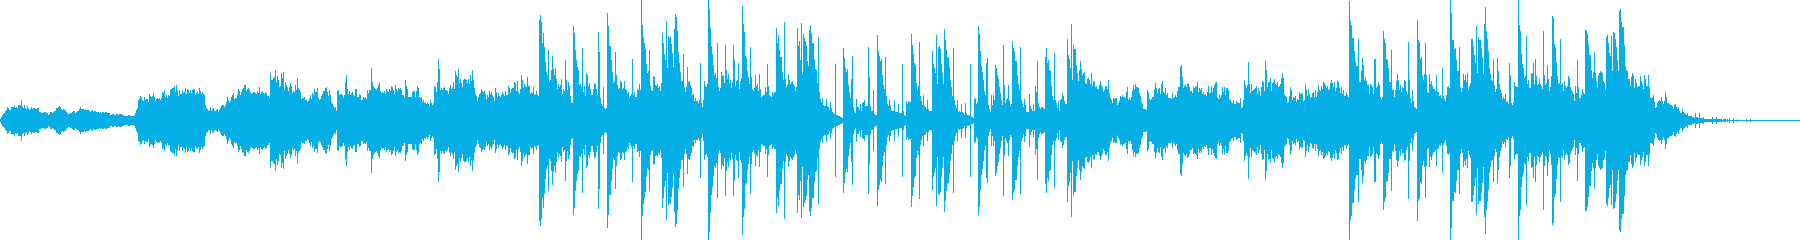 アンビエントシンセパッドと大気の文...の再生済みの波形